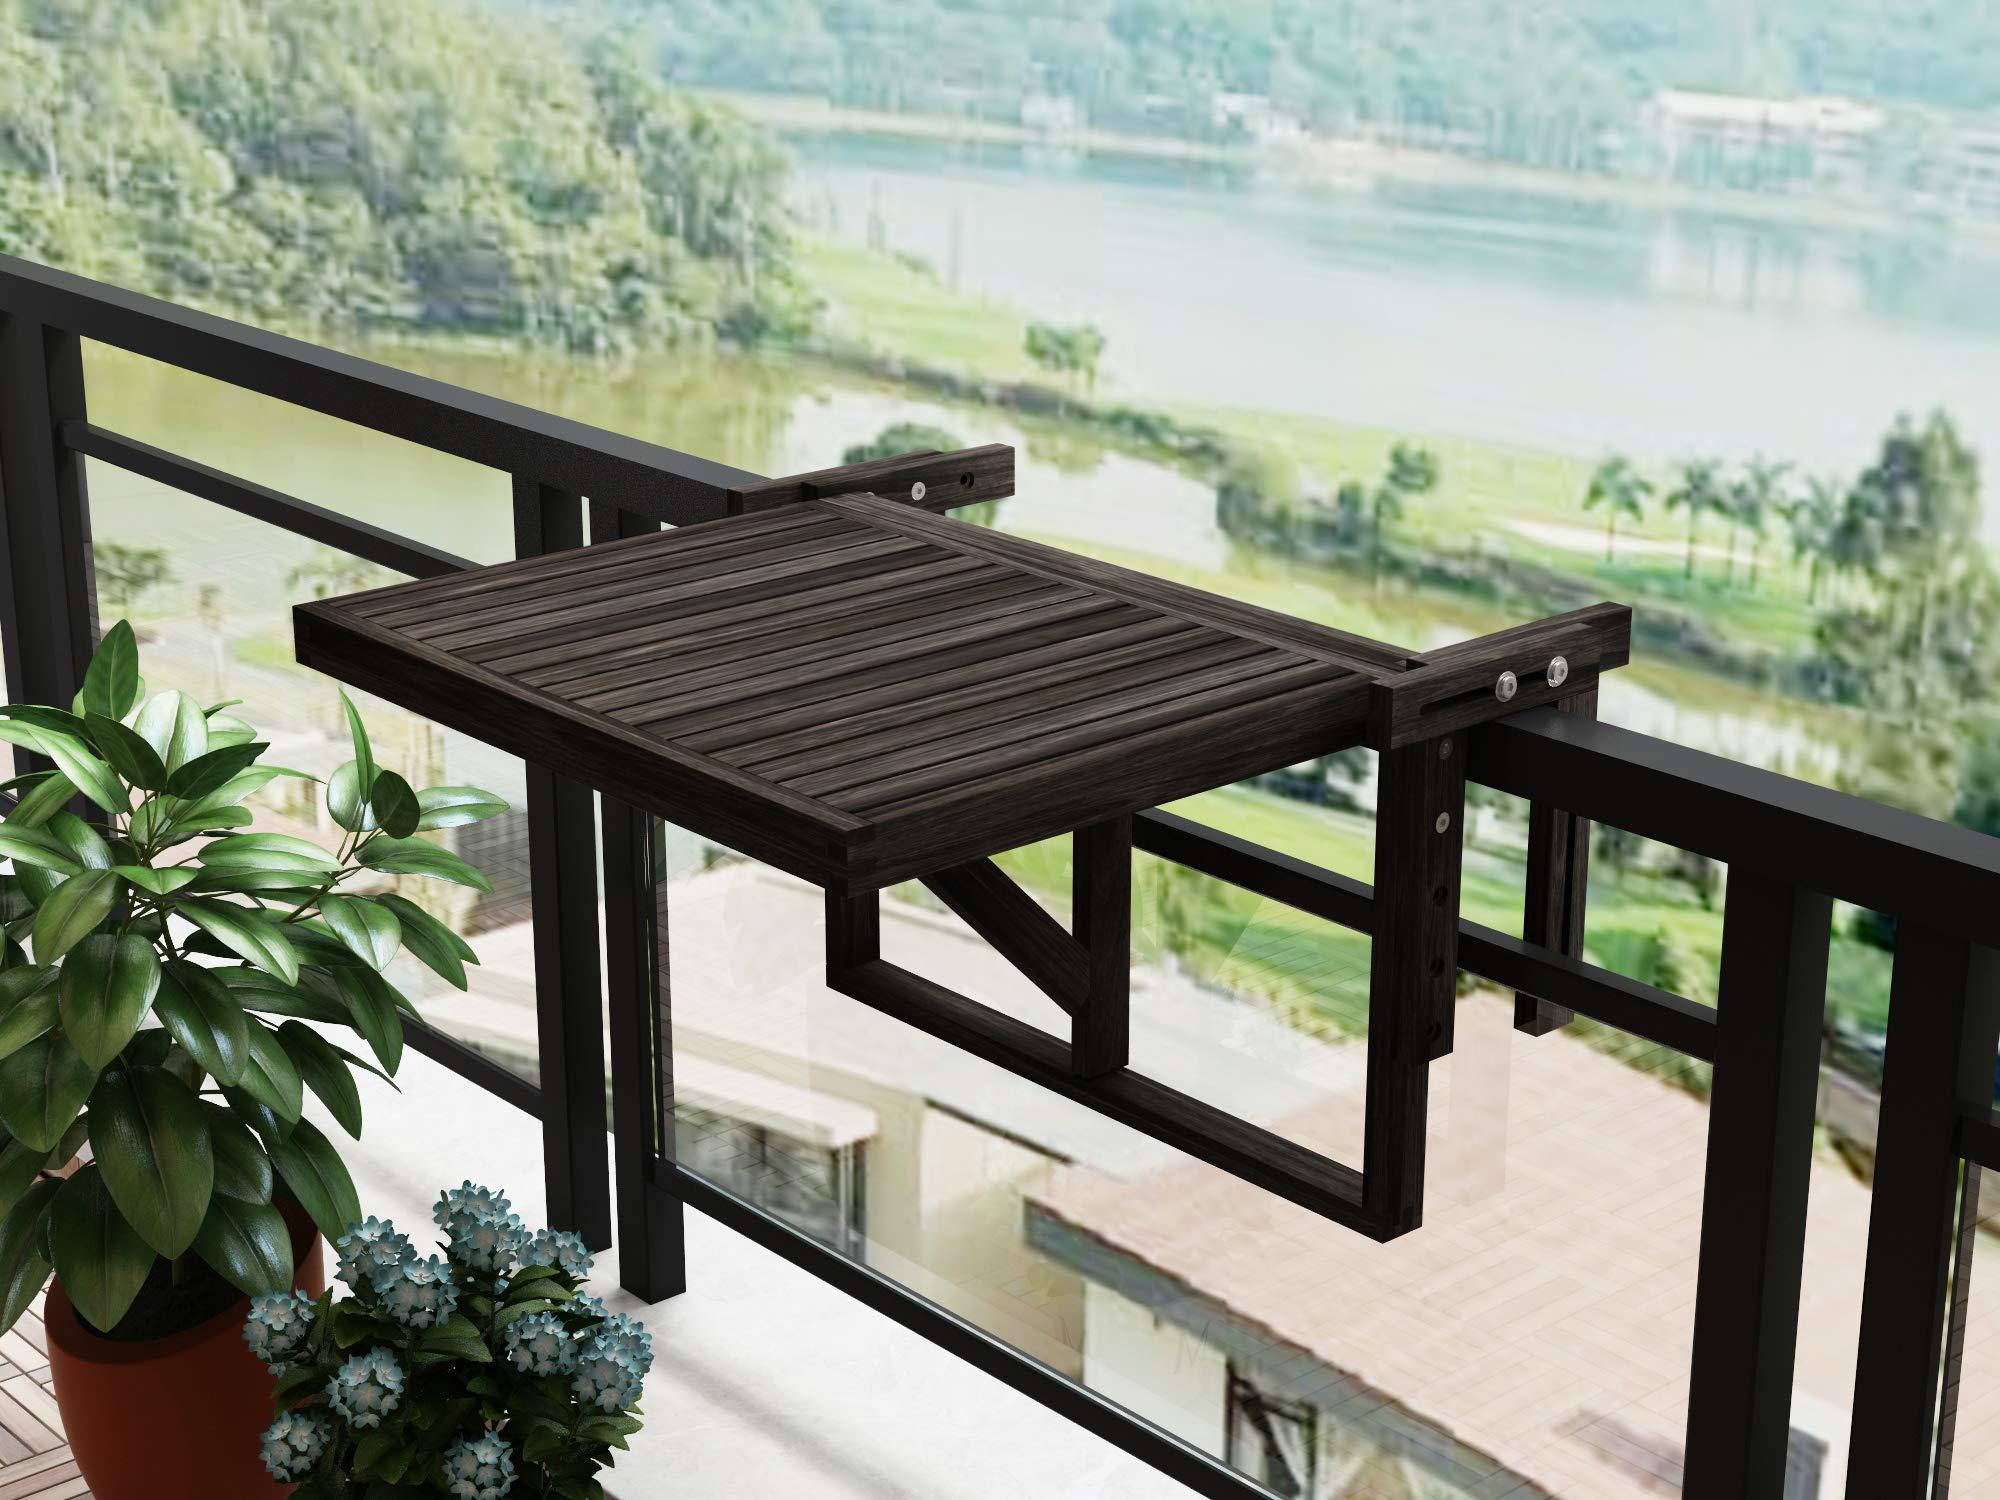 INTERBUILD Stockholm Mesa de terraza Plegable para balcón Ajustable FSC Madera de Acacia Color Espresso: Amazon.es: Jardín